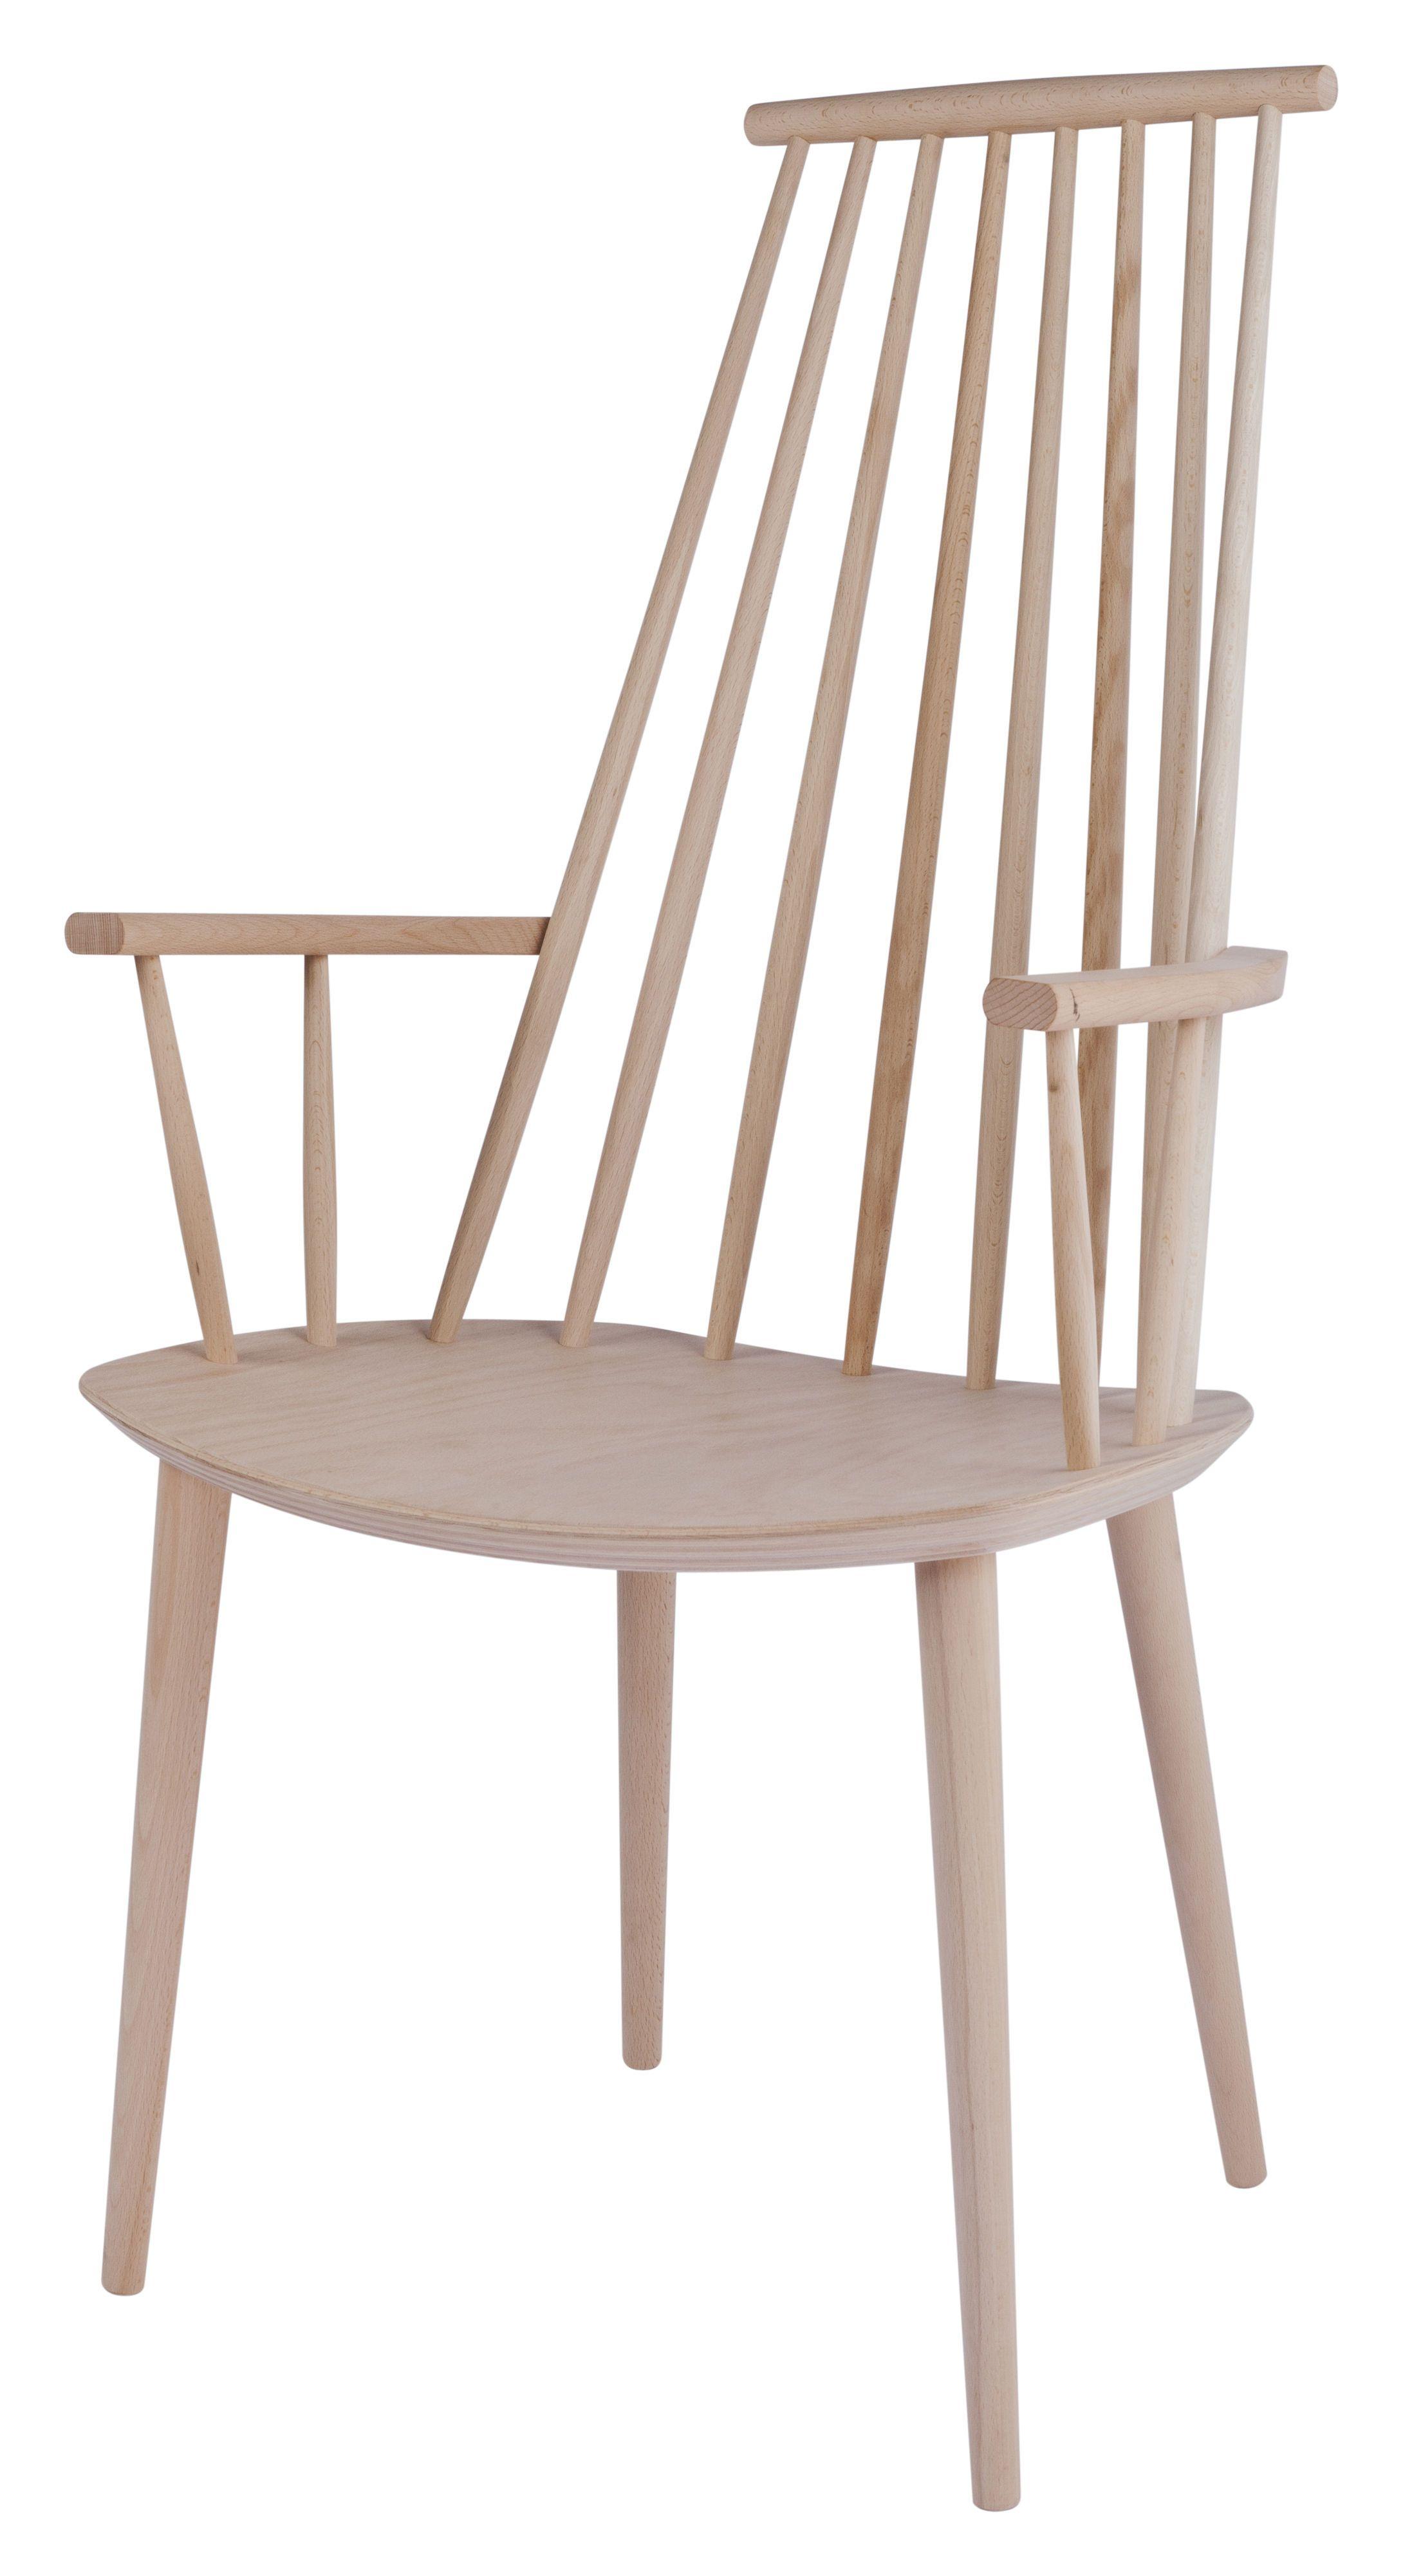 Der Armlehnstuhl Wurde Von Poul M. Volther Für Den Dänischen Hersteller HAY  Entworfen.Stabil Und Dennoch Nicht Zu Massiv U2013 Der Armlehnstuhl Verbindet